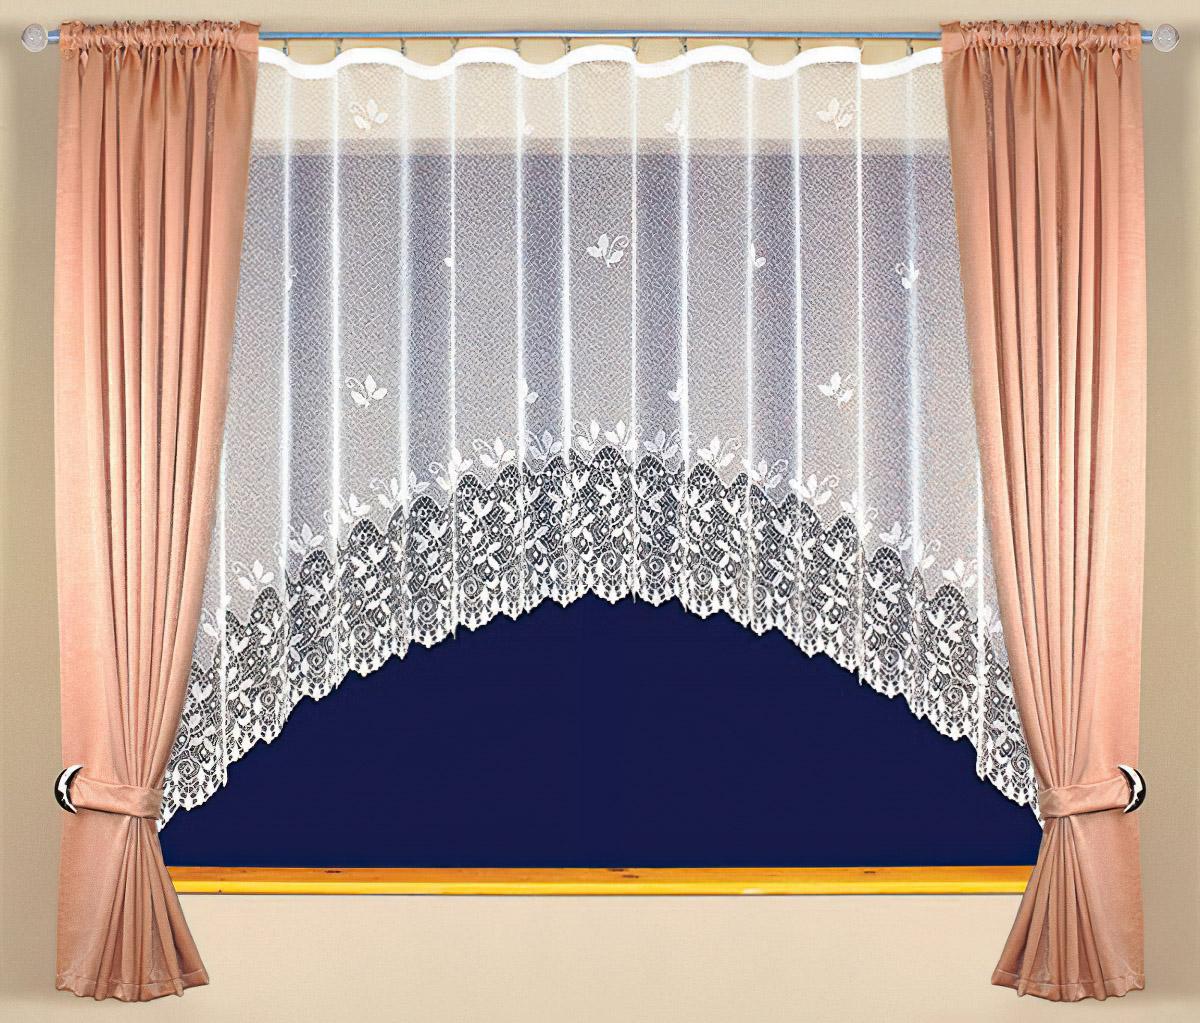 Tylex kusová záclona CHLOE jednobarevná bílá, výška 160 cm x šířka 305 cm (na okno)